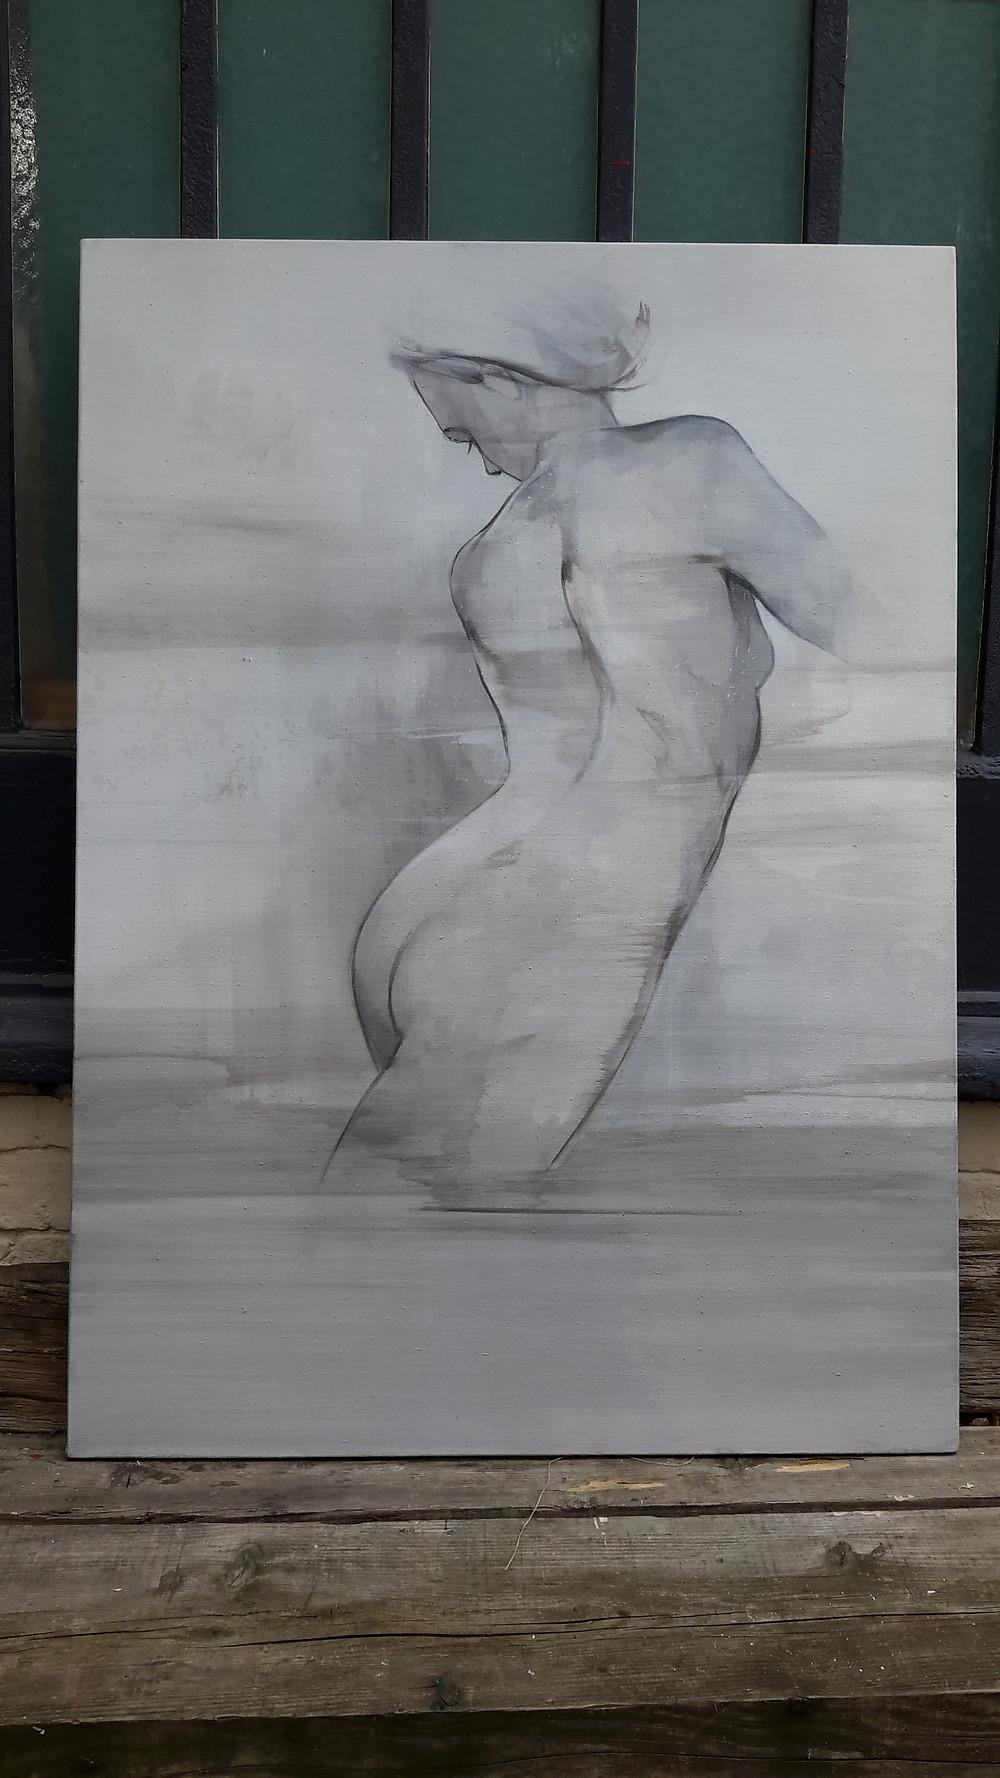 Nouvelle toile en cours, j'aime bien le gris, et cependant, ça semble pas fini, d'où le blocage , que faire quand c'est beau et pas fini ...